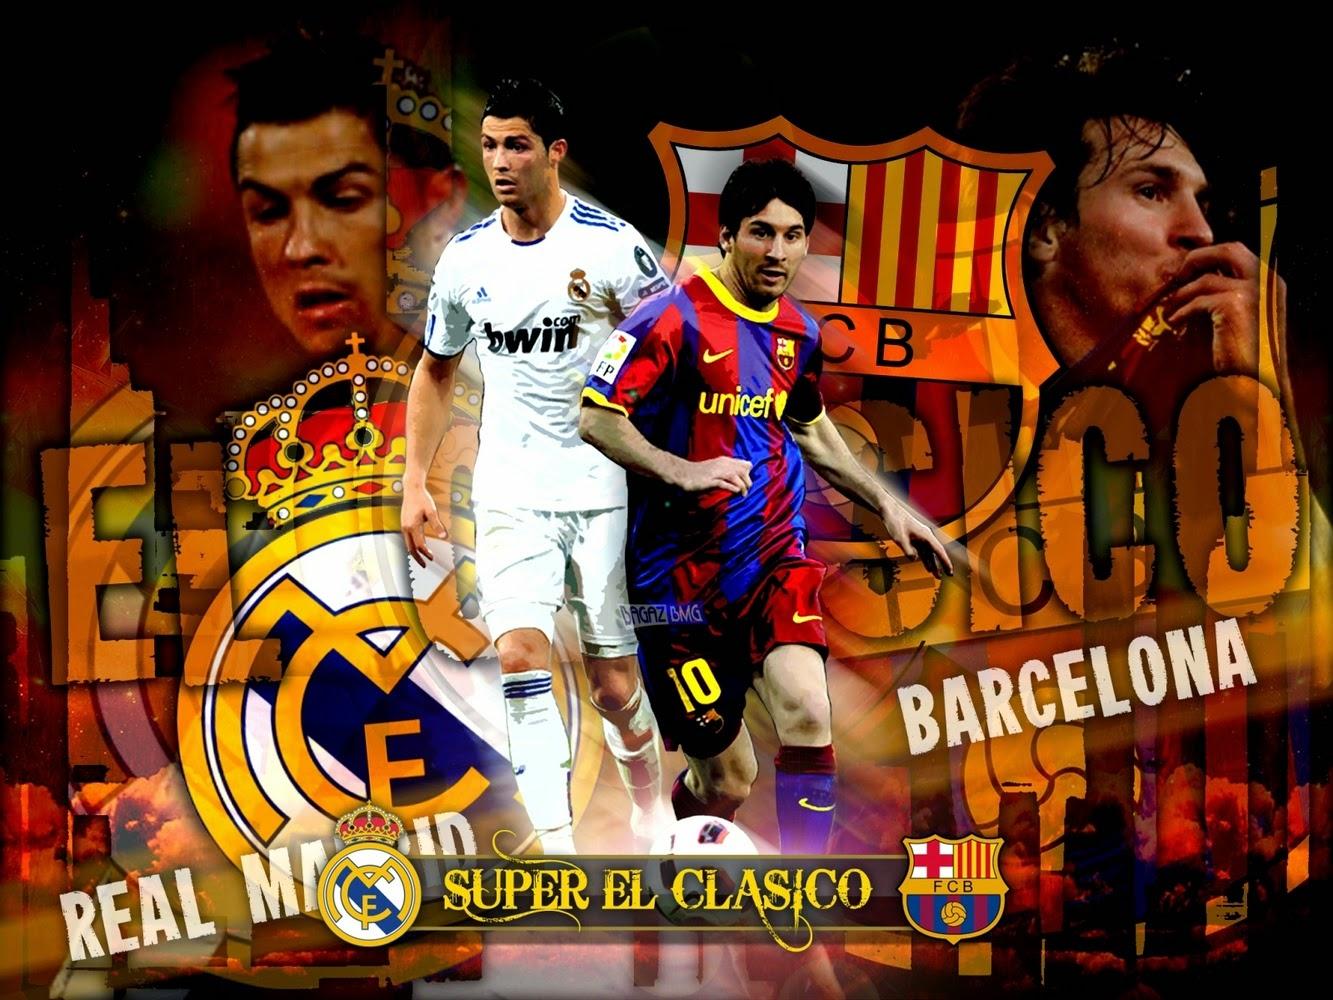 Foto Cristiano Ronaldo Vs Lionel Messi 2017 Foto Gambar Terbaru